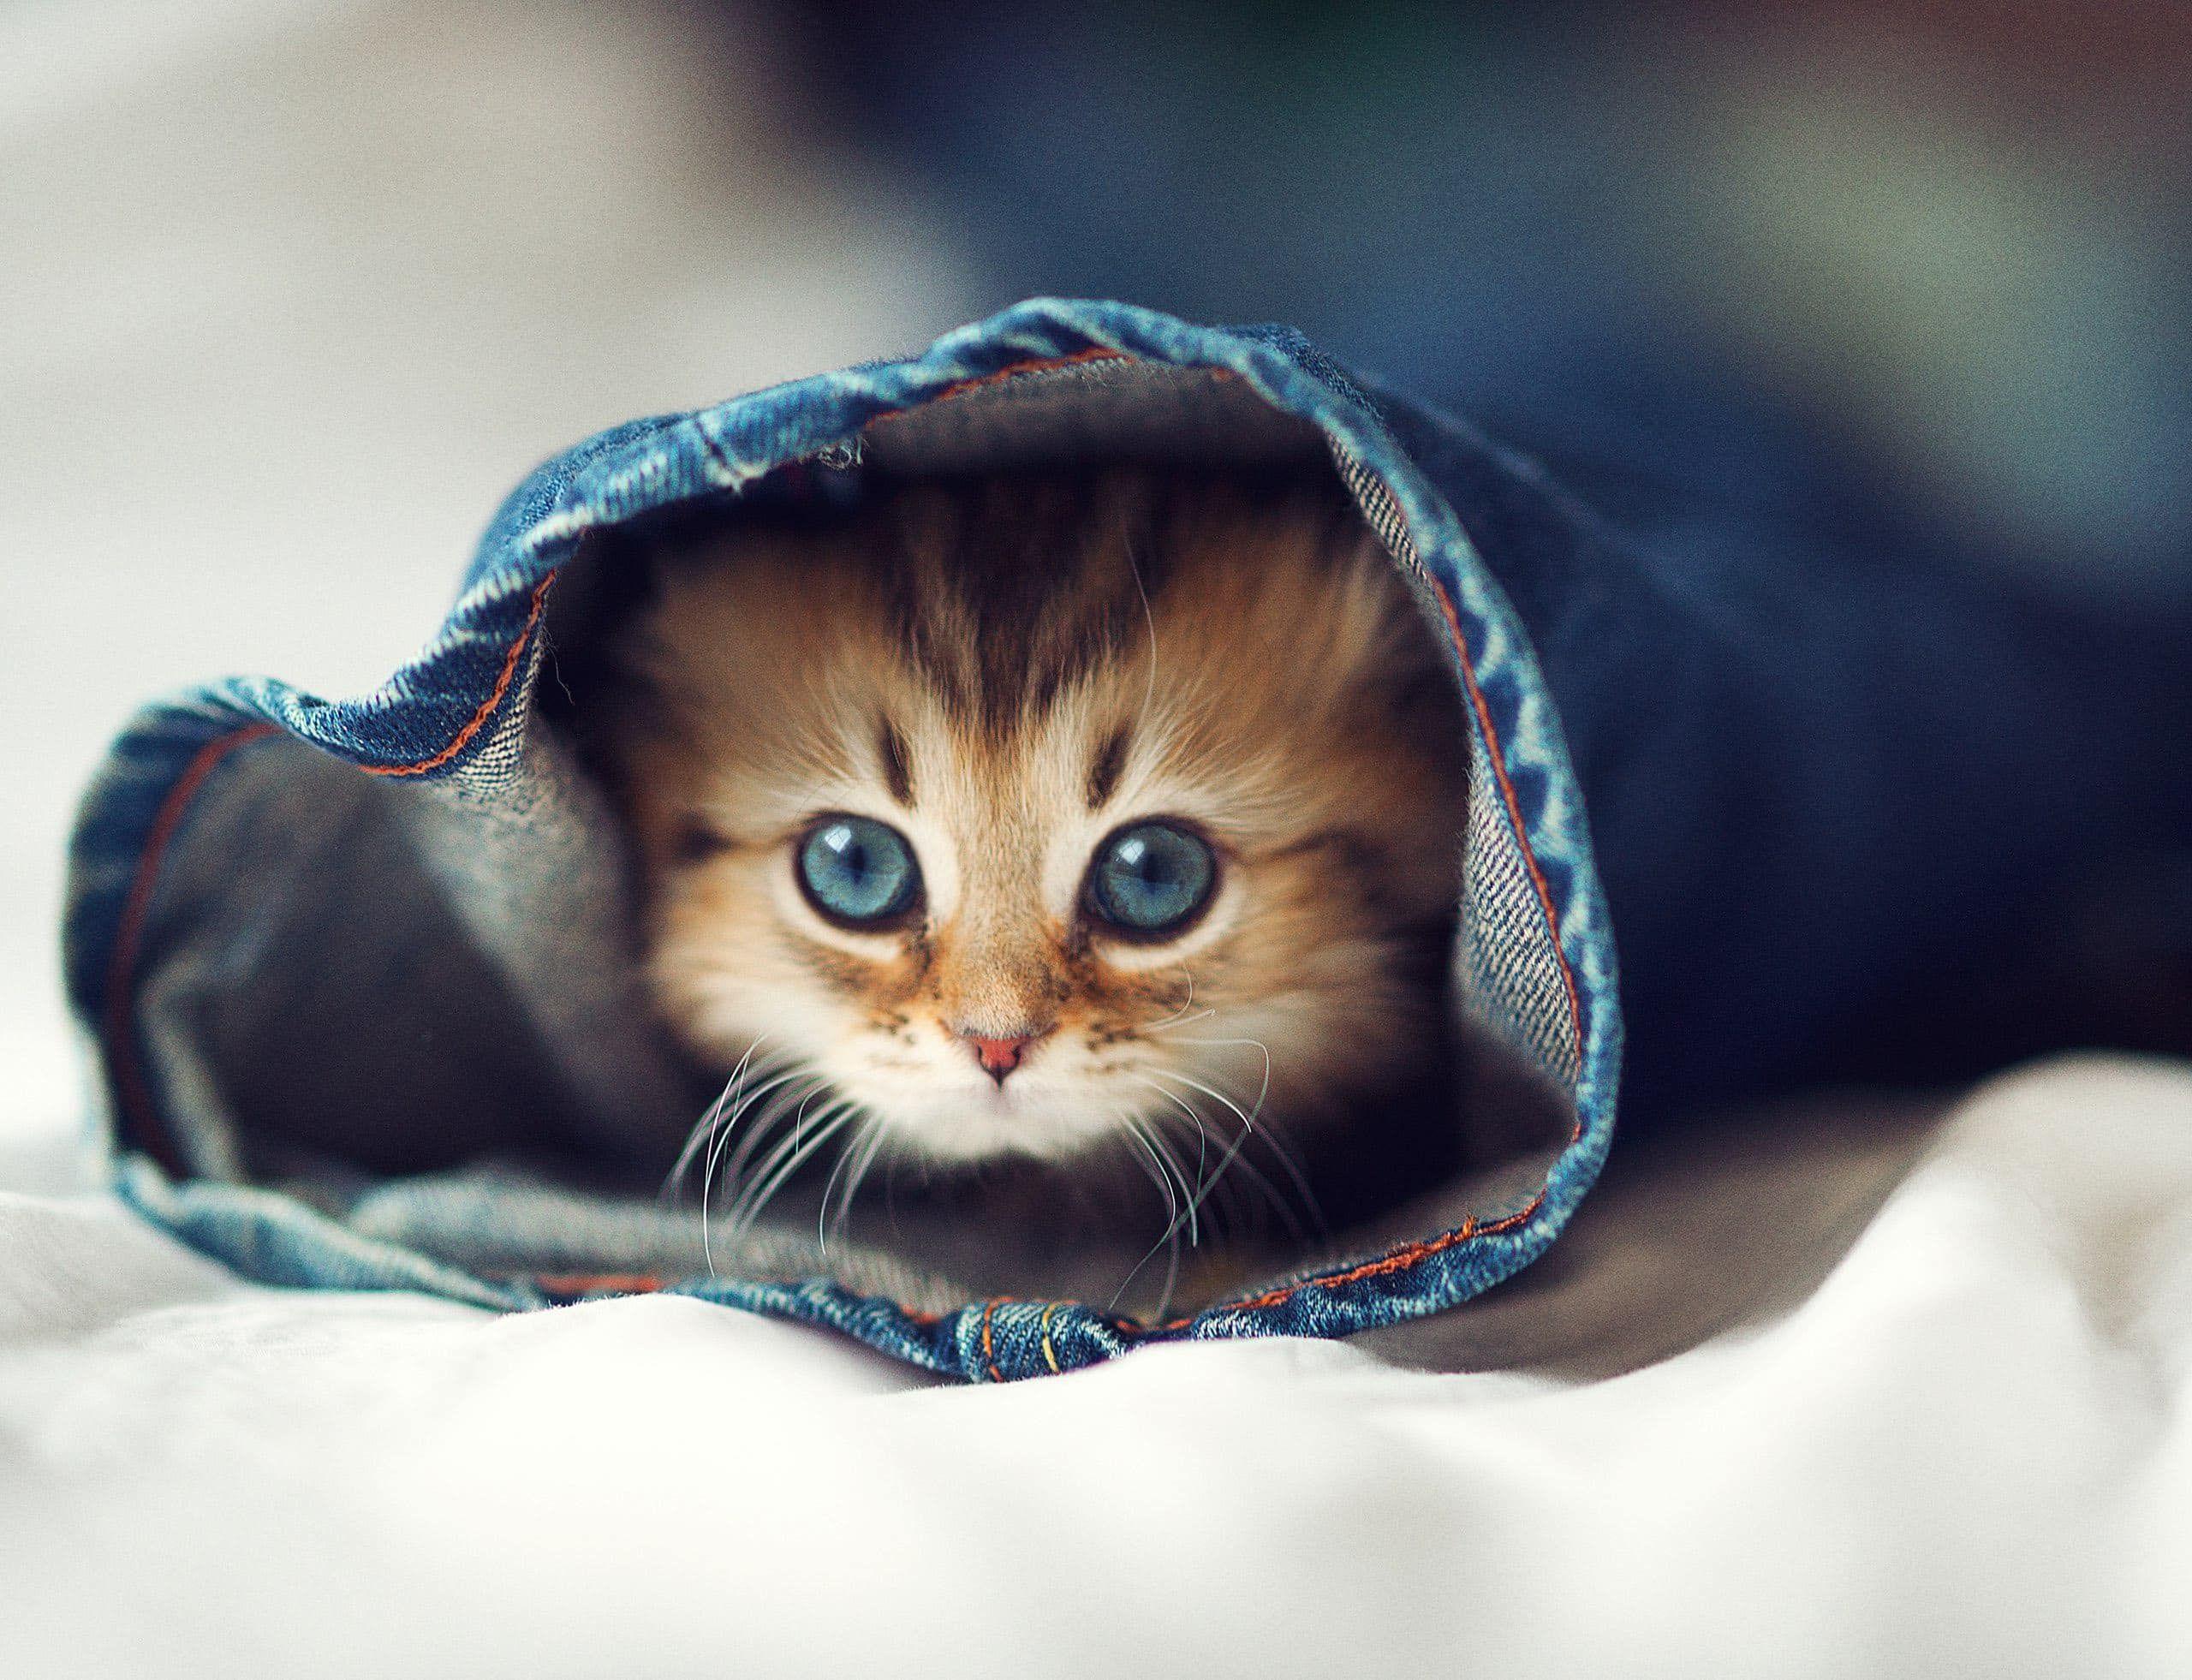 Beau Chaton Beautiful Kitten Voyage Onirique En 2020 Cute Kittens Animaux Les Plus Mignons Bebes Animaux Mignons